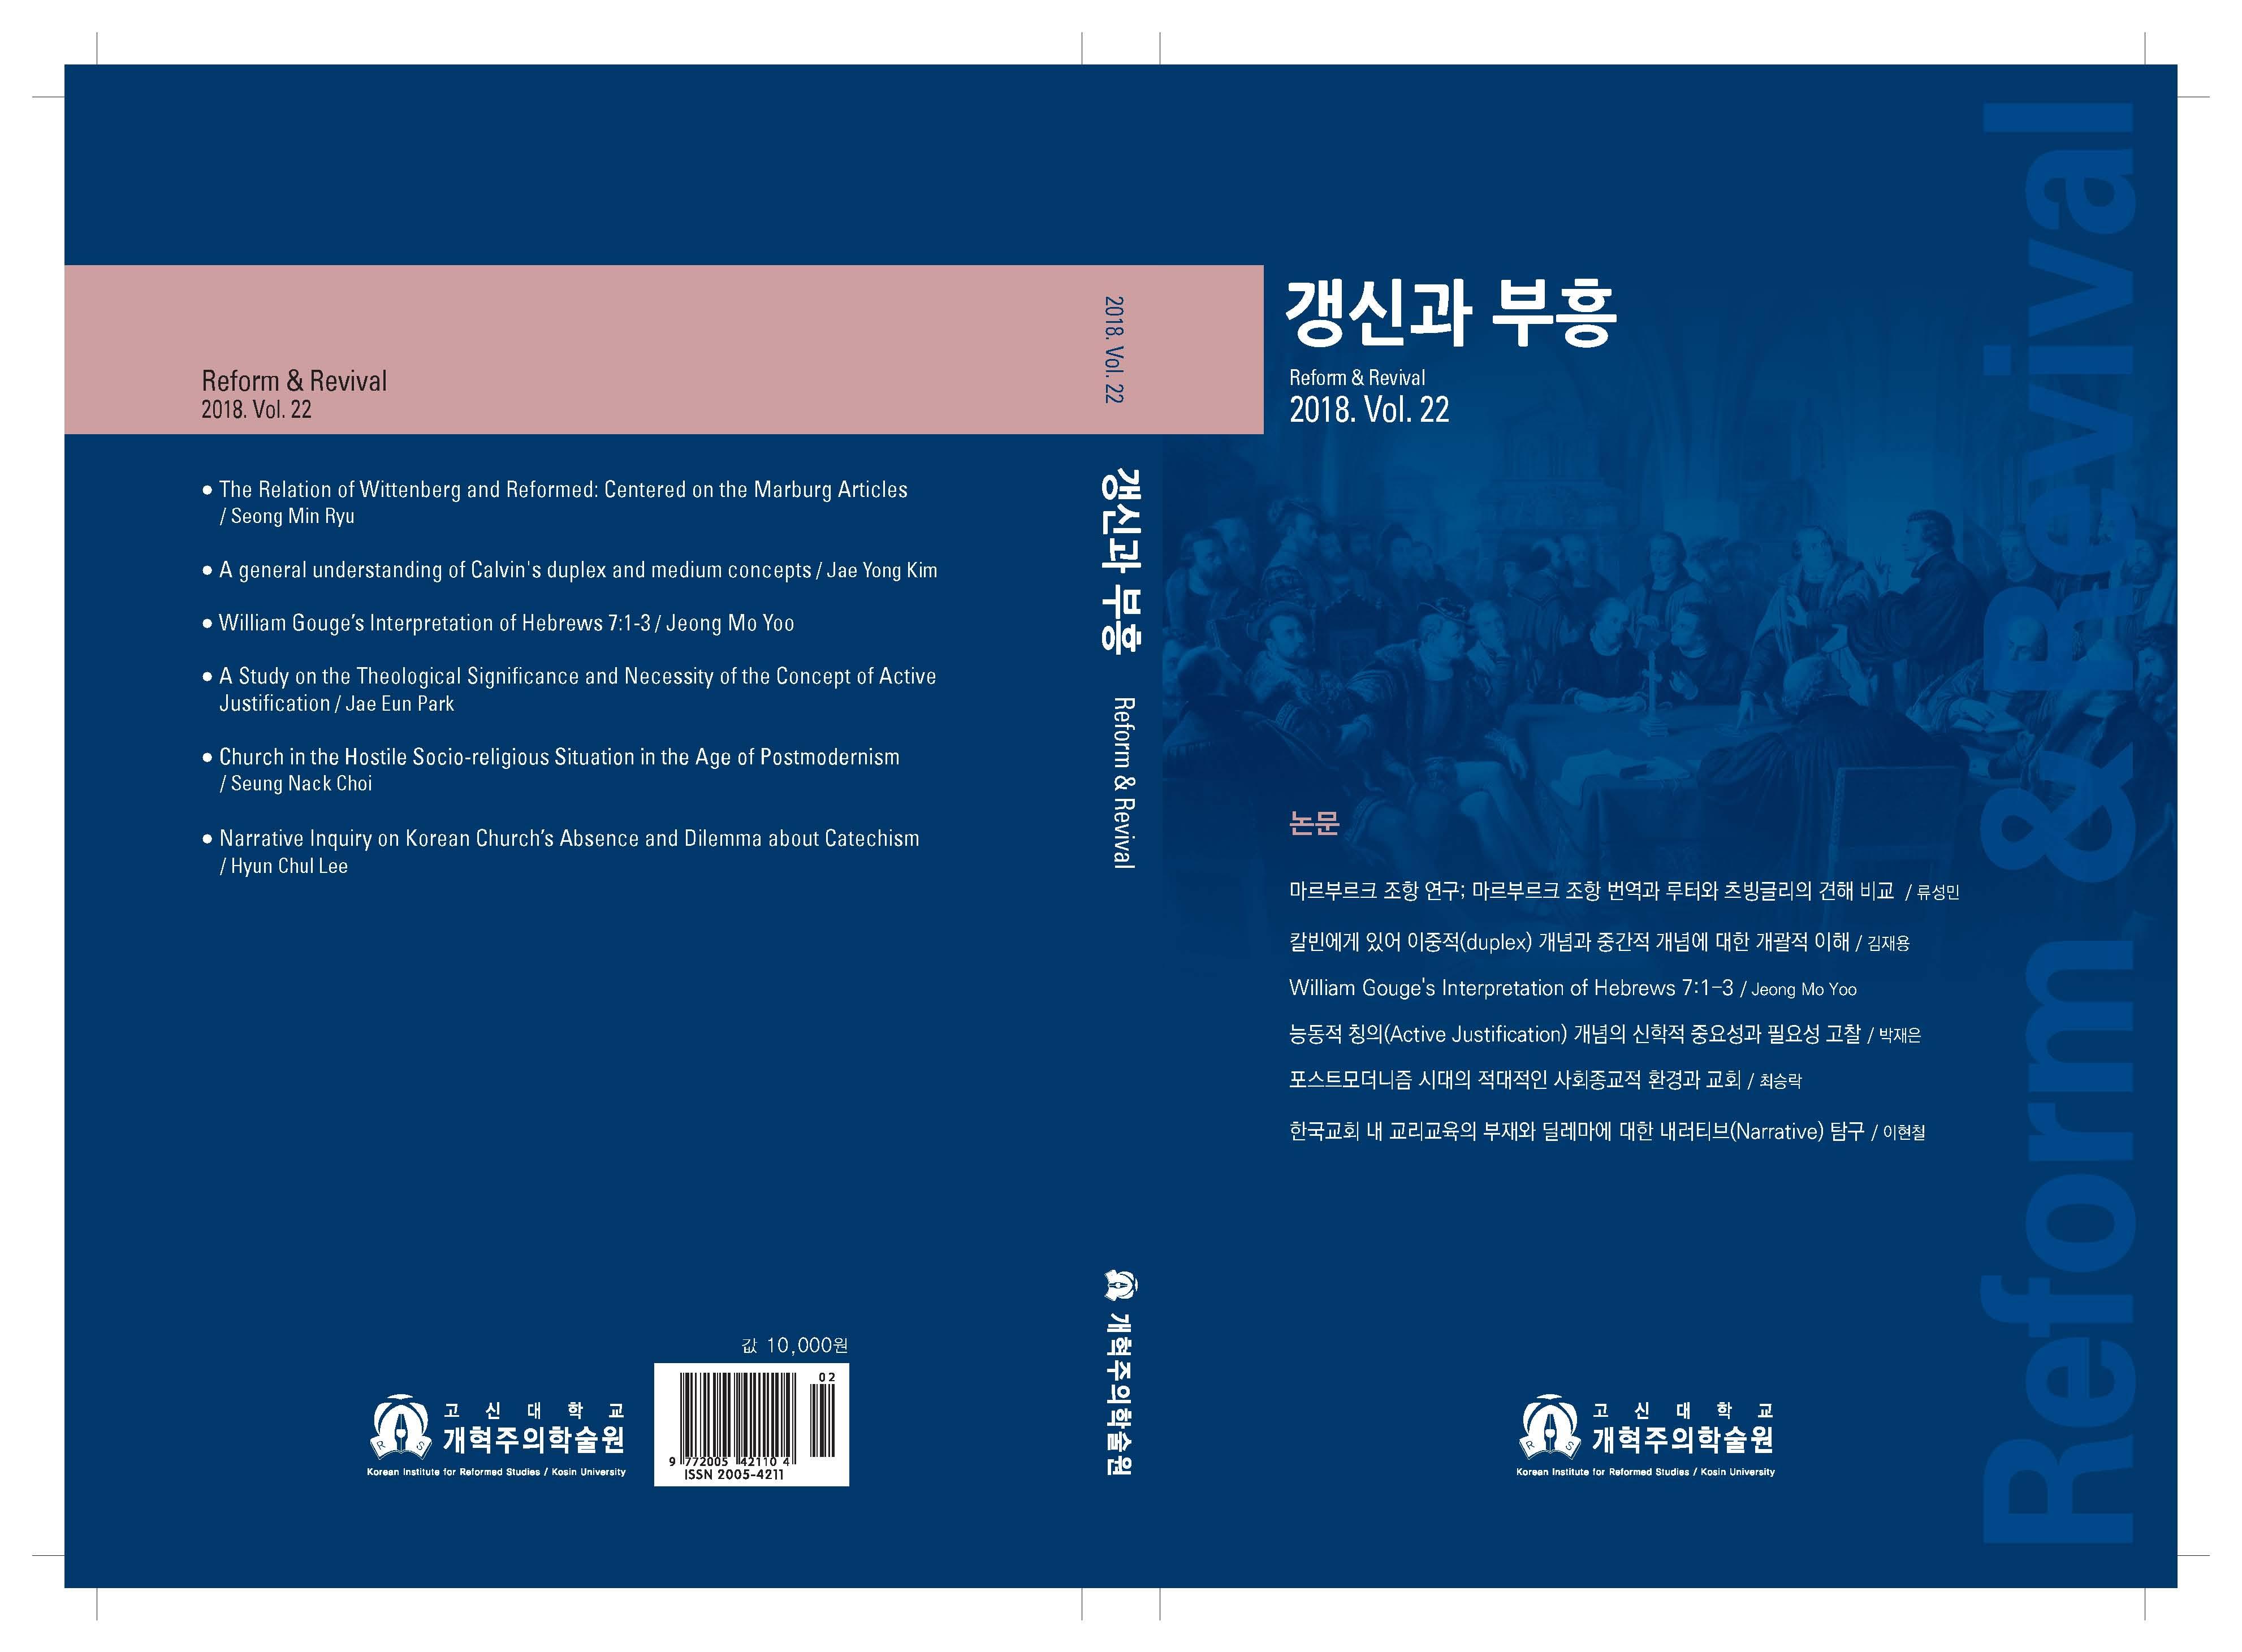 갱신과부흥 제22호 - 표지04_Page_1.jpg